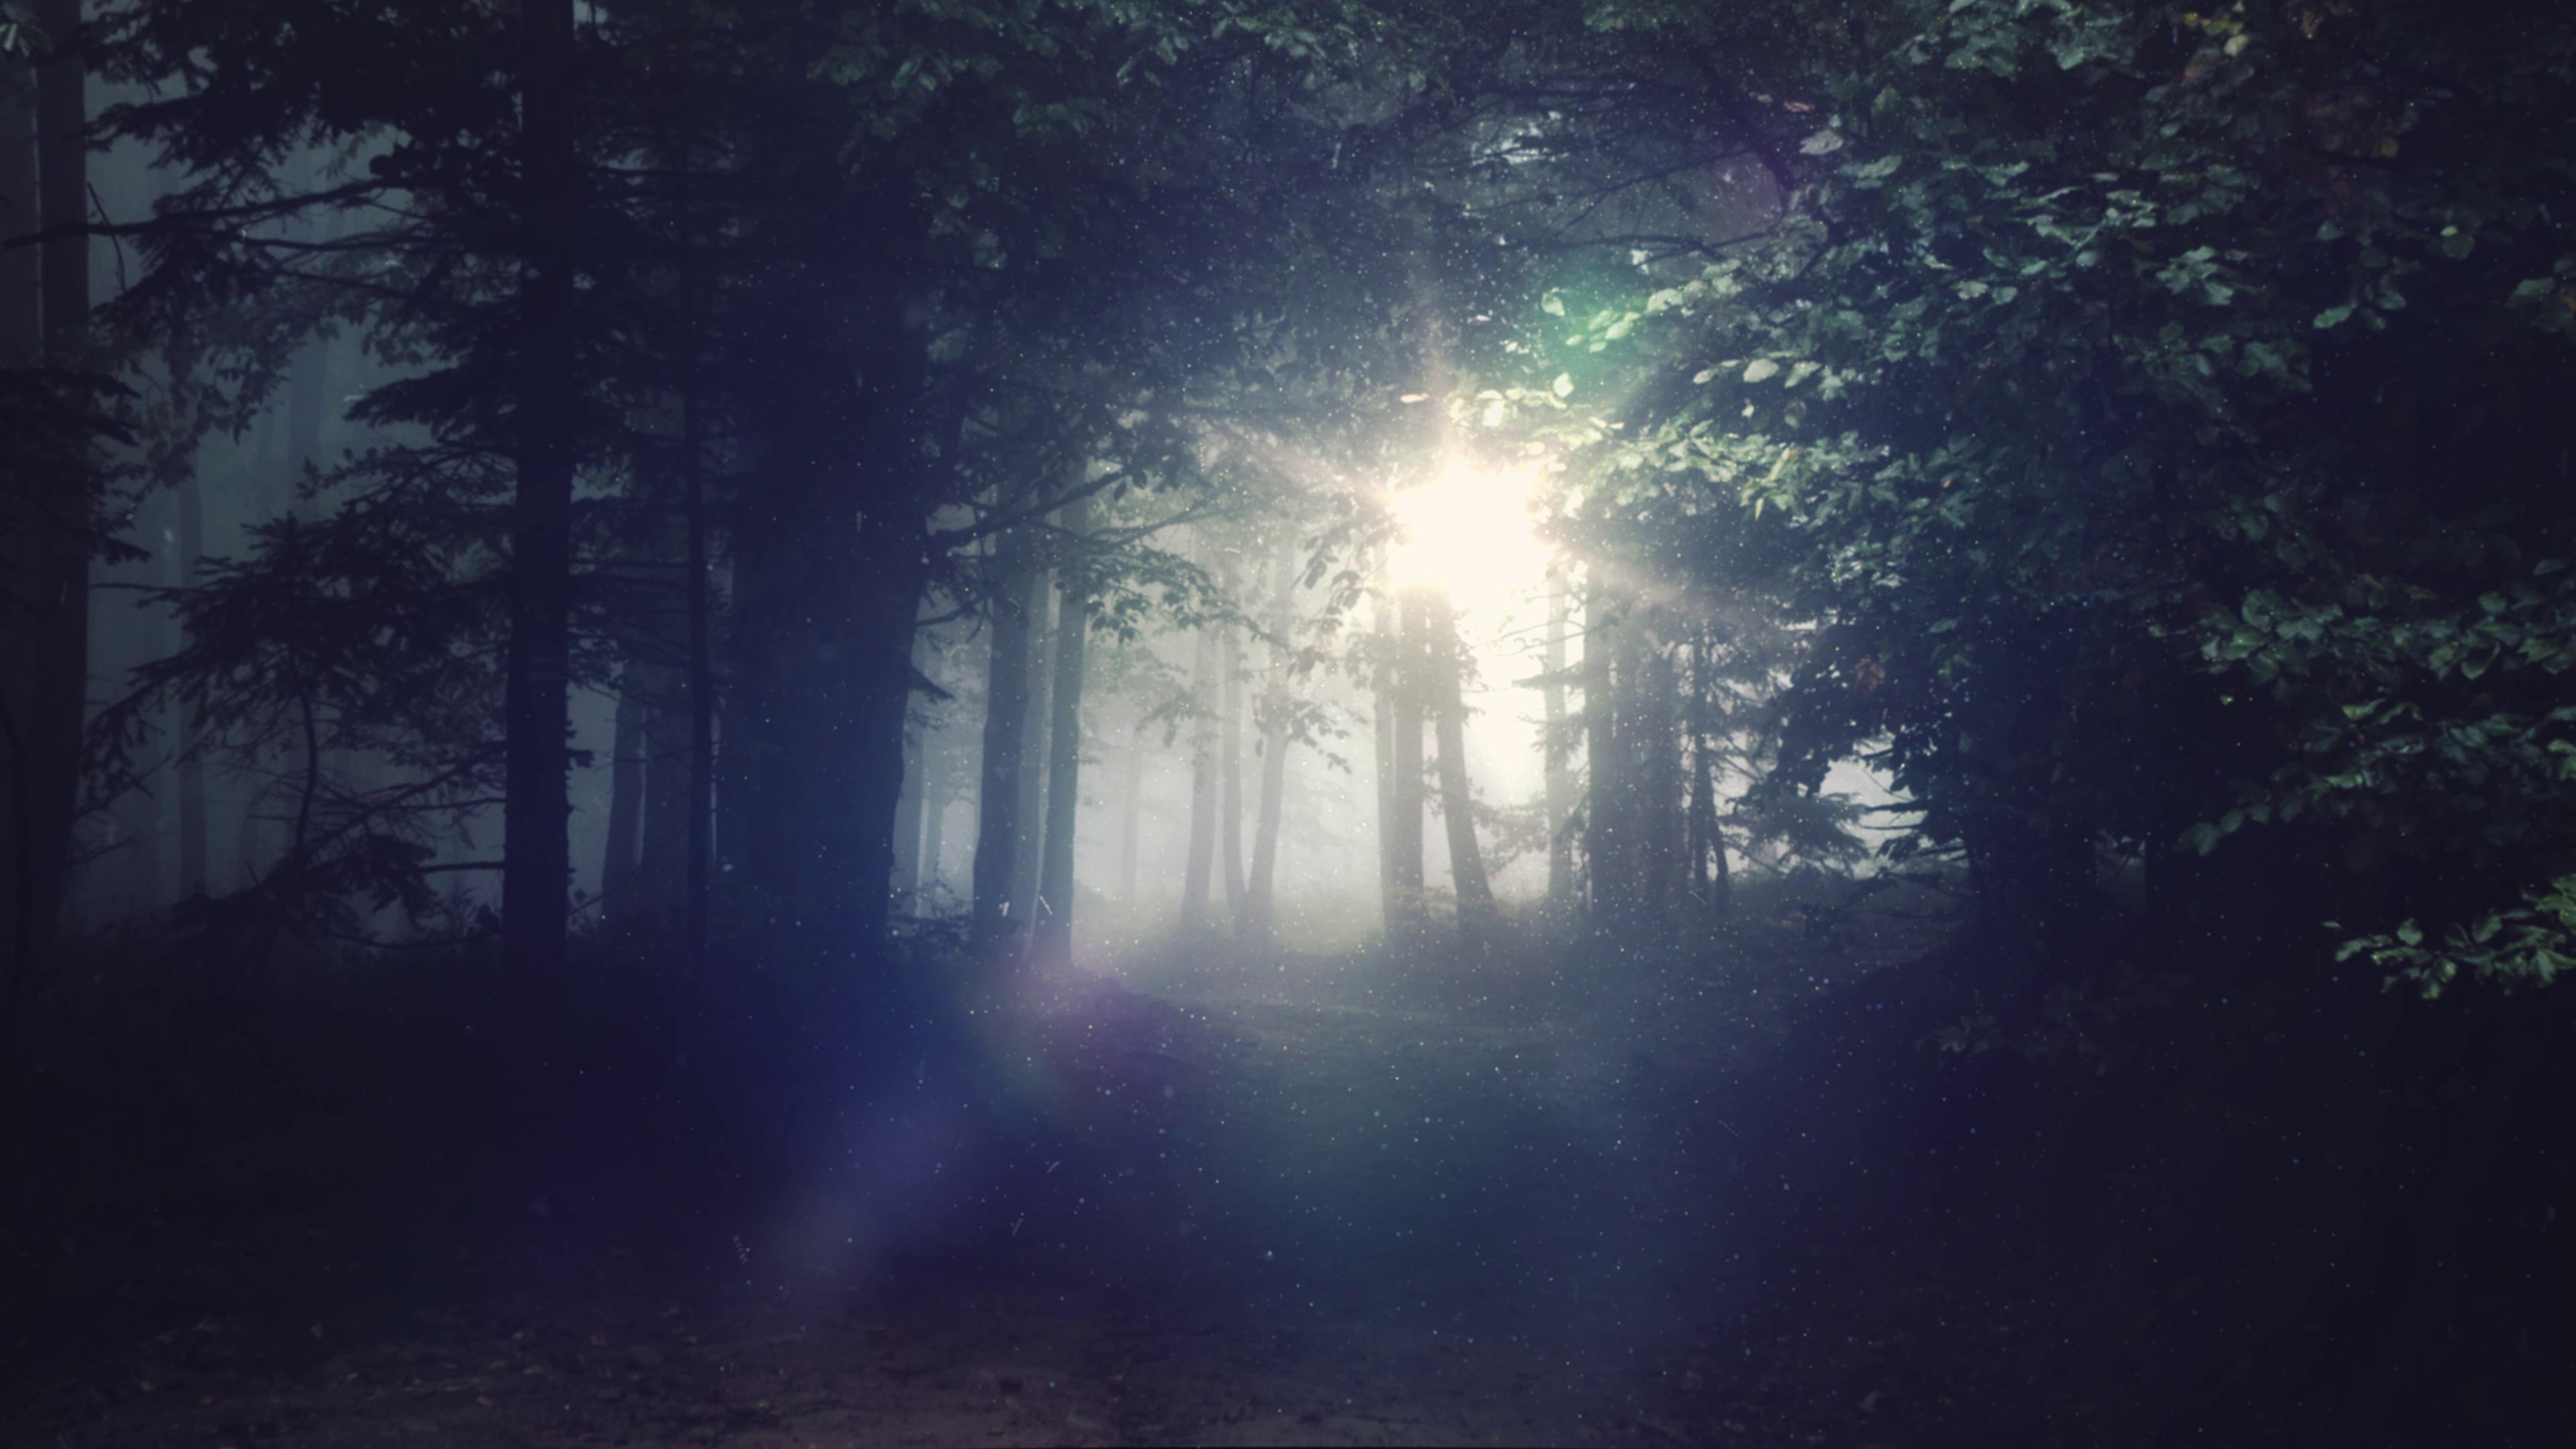 森林秘境光亮出口梦幻场景高清实拍